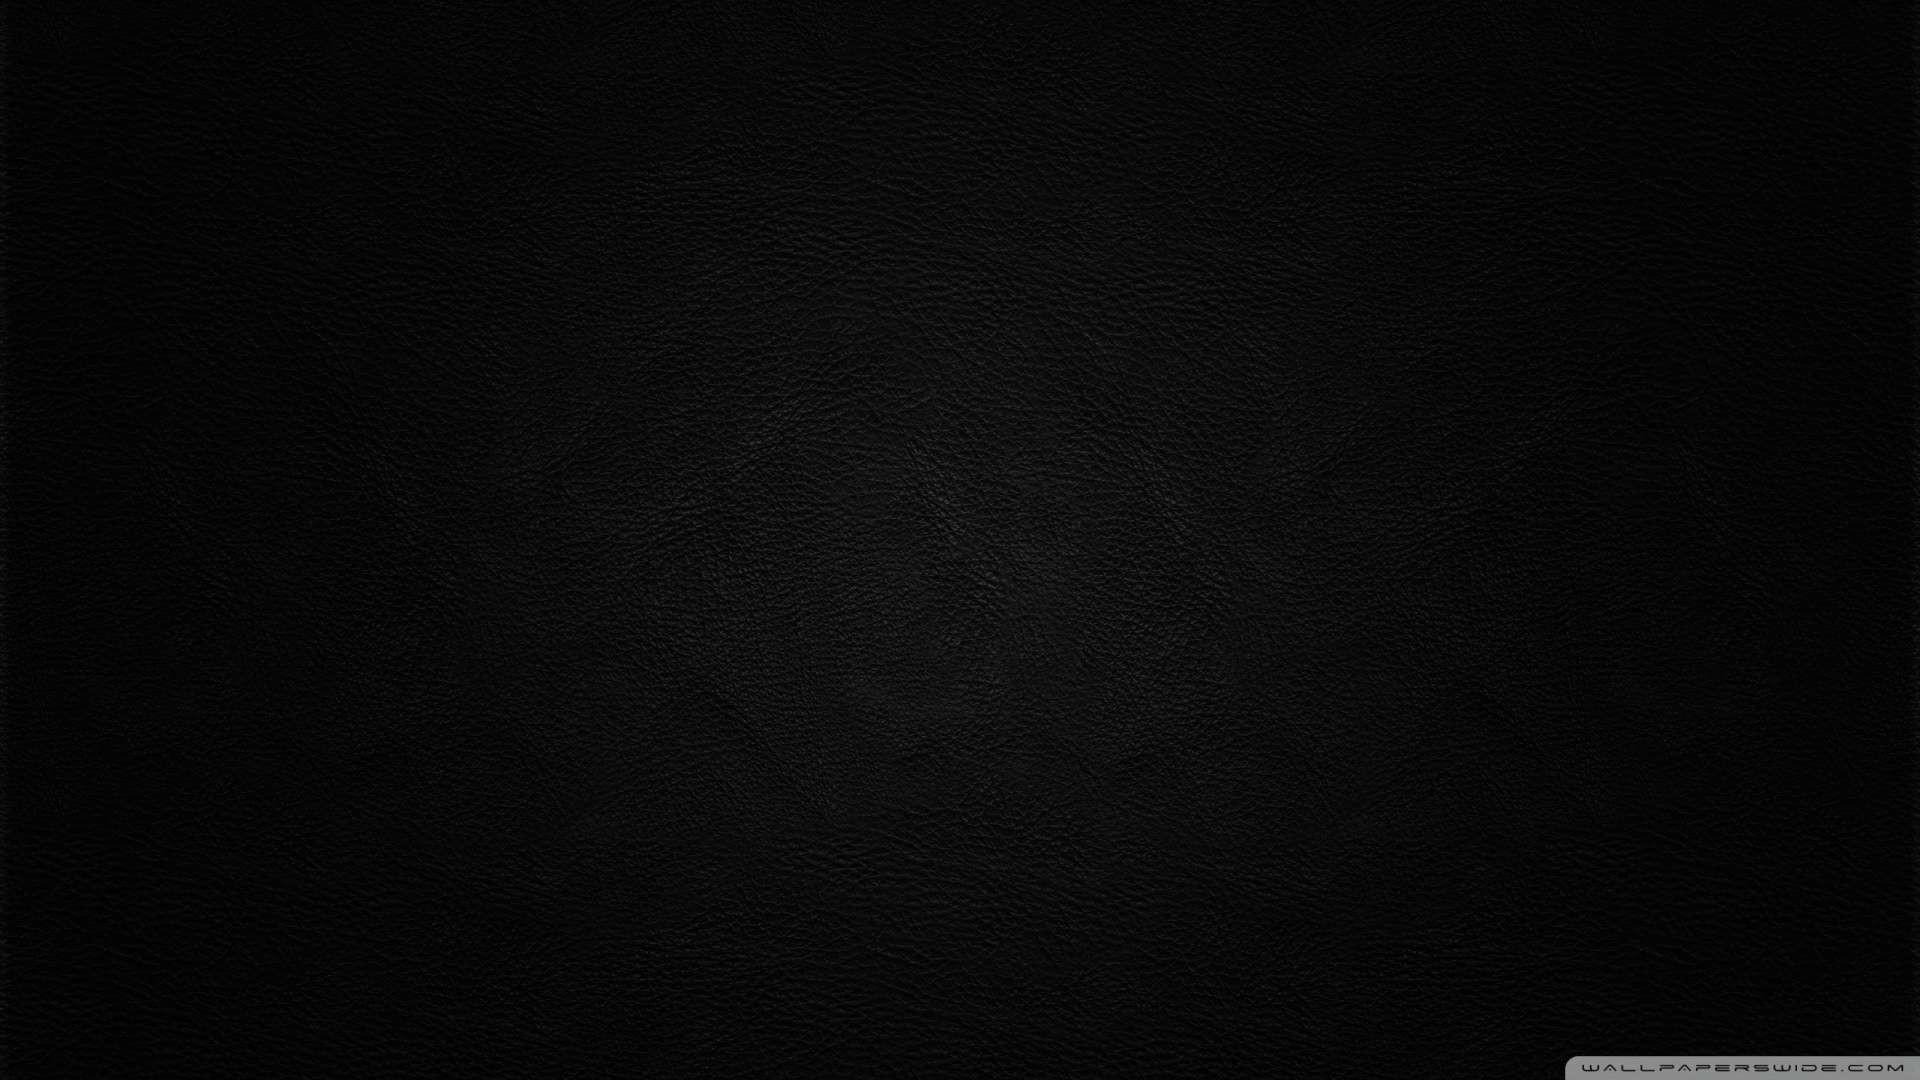 Image Result For Hd Dark Wallpaper Full Hd